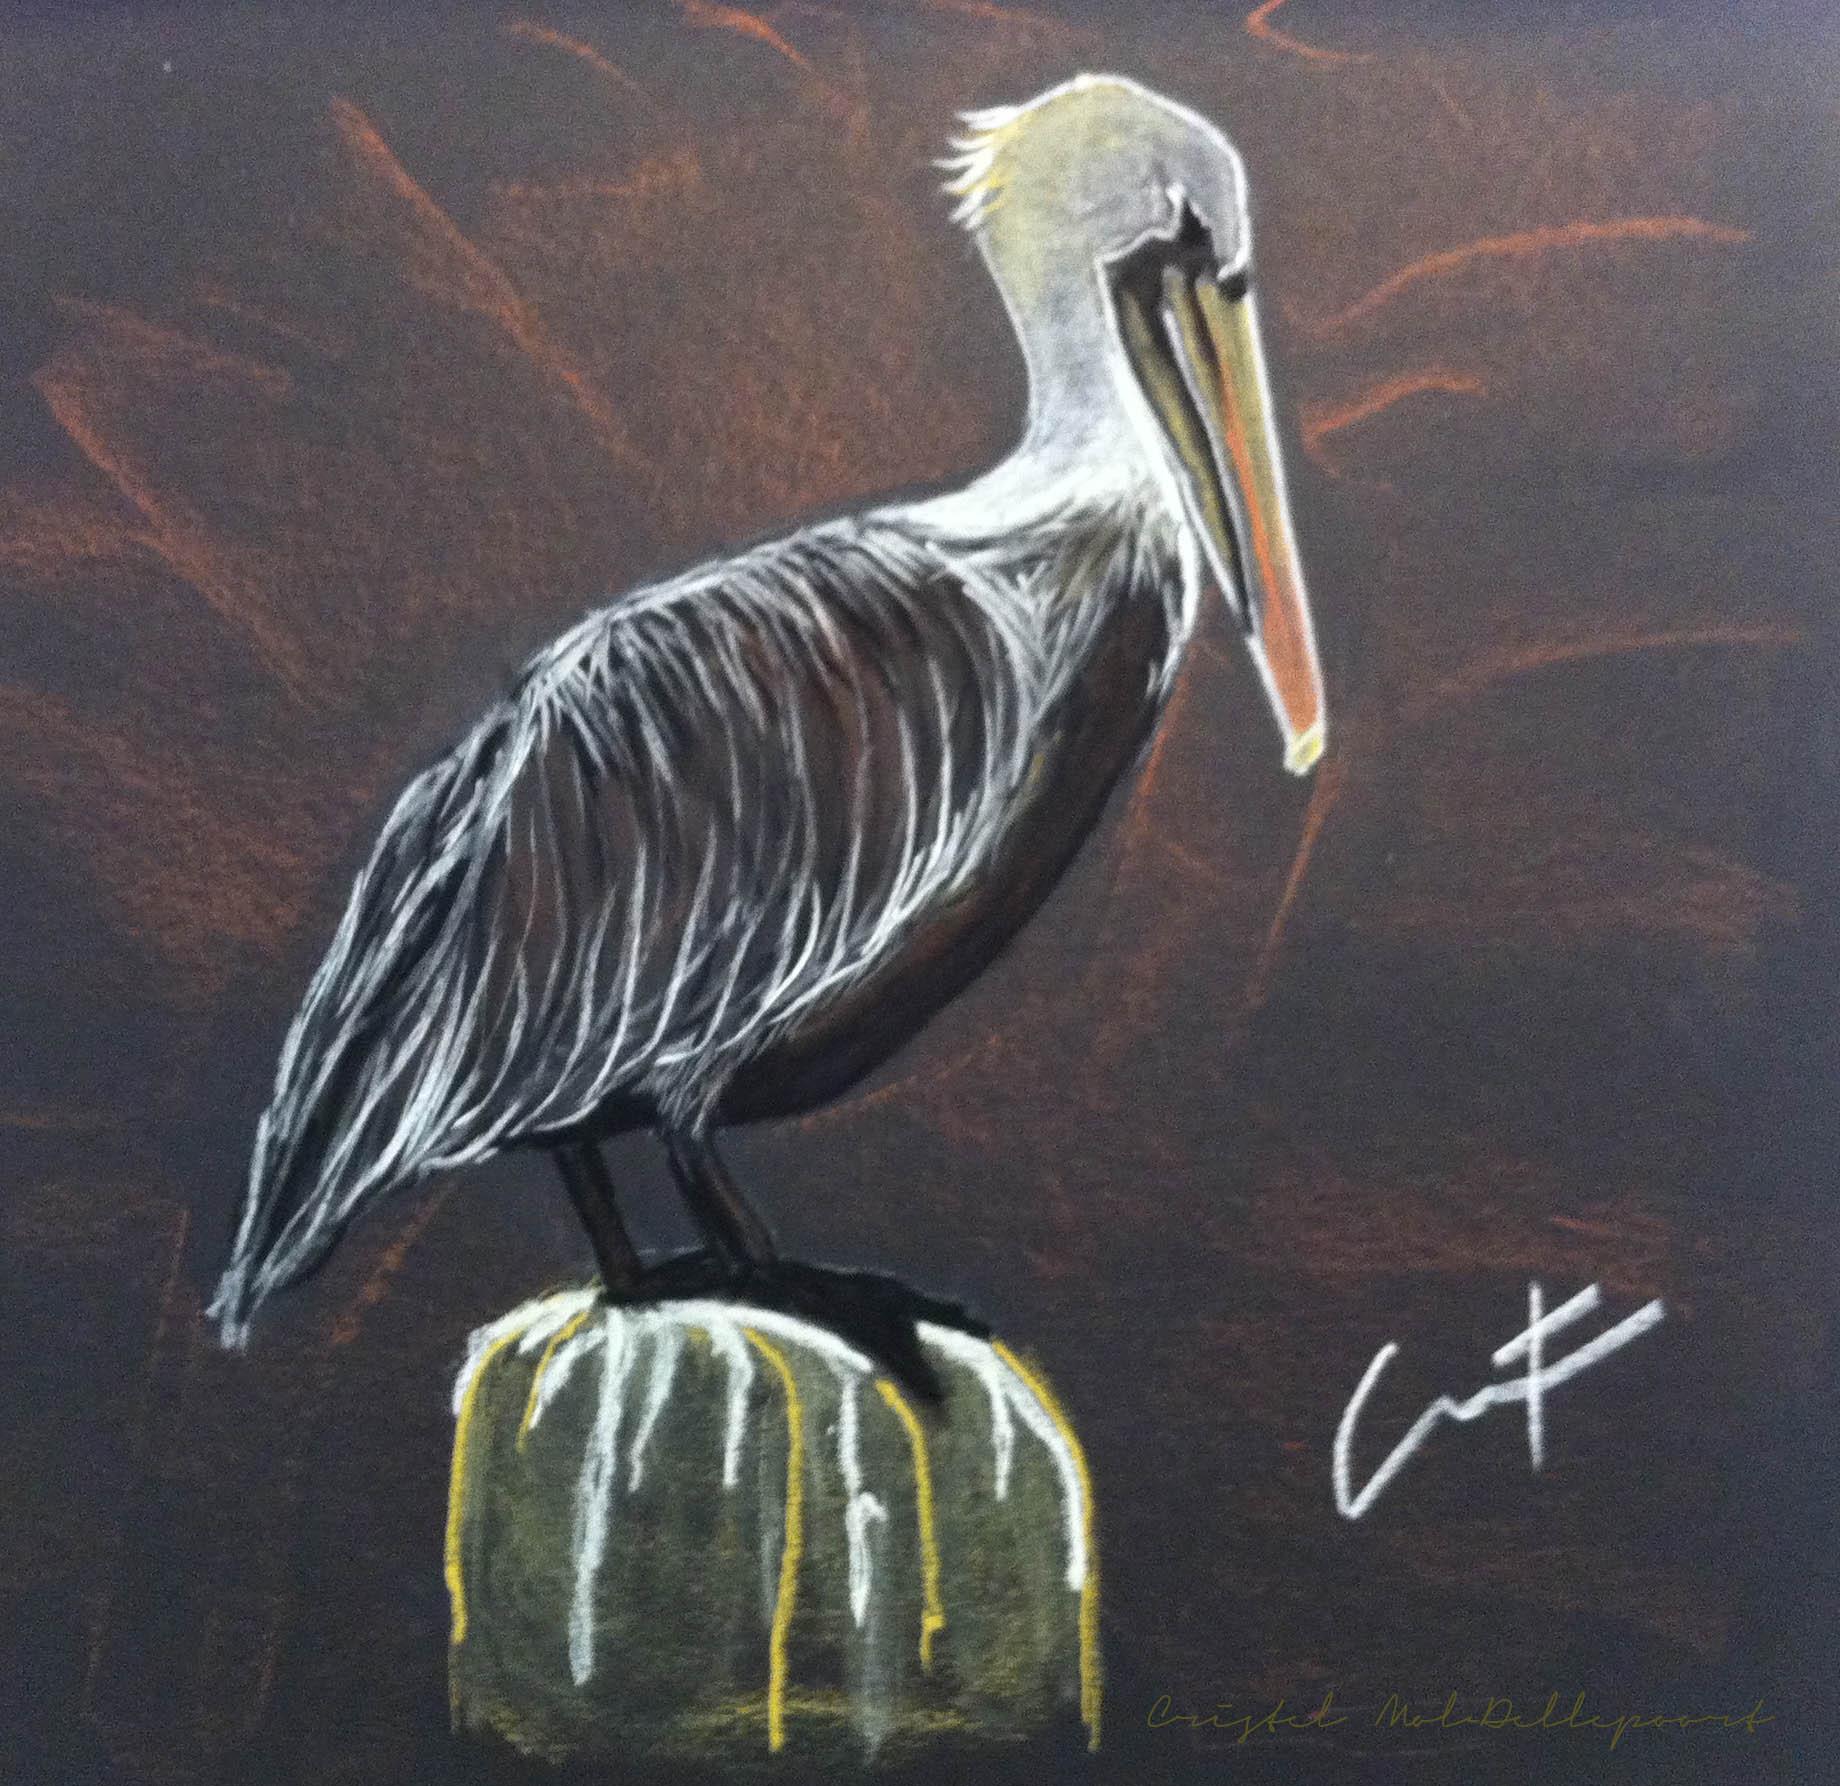 Brown Pelican at Shrimp Dock pastel painting